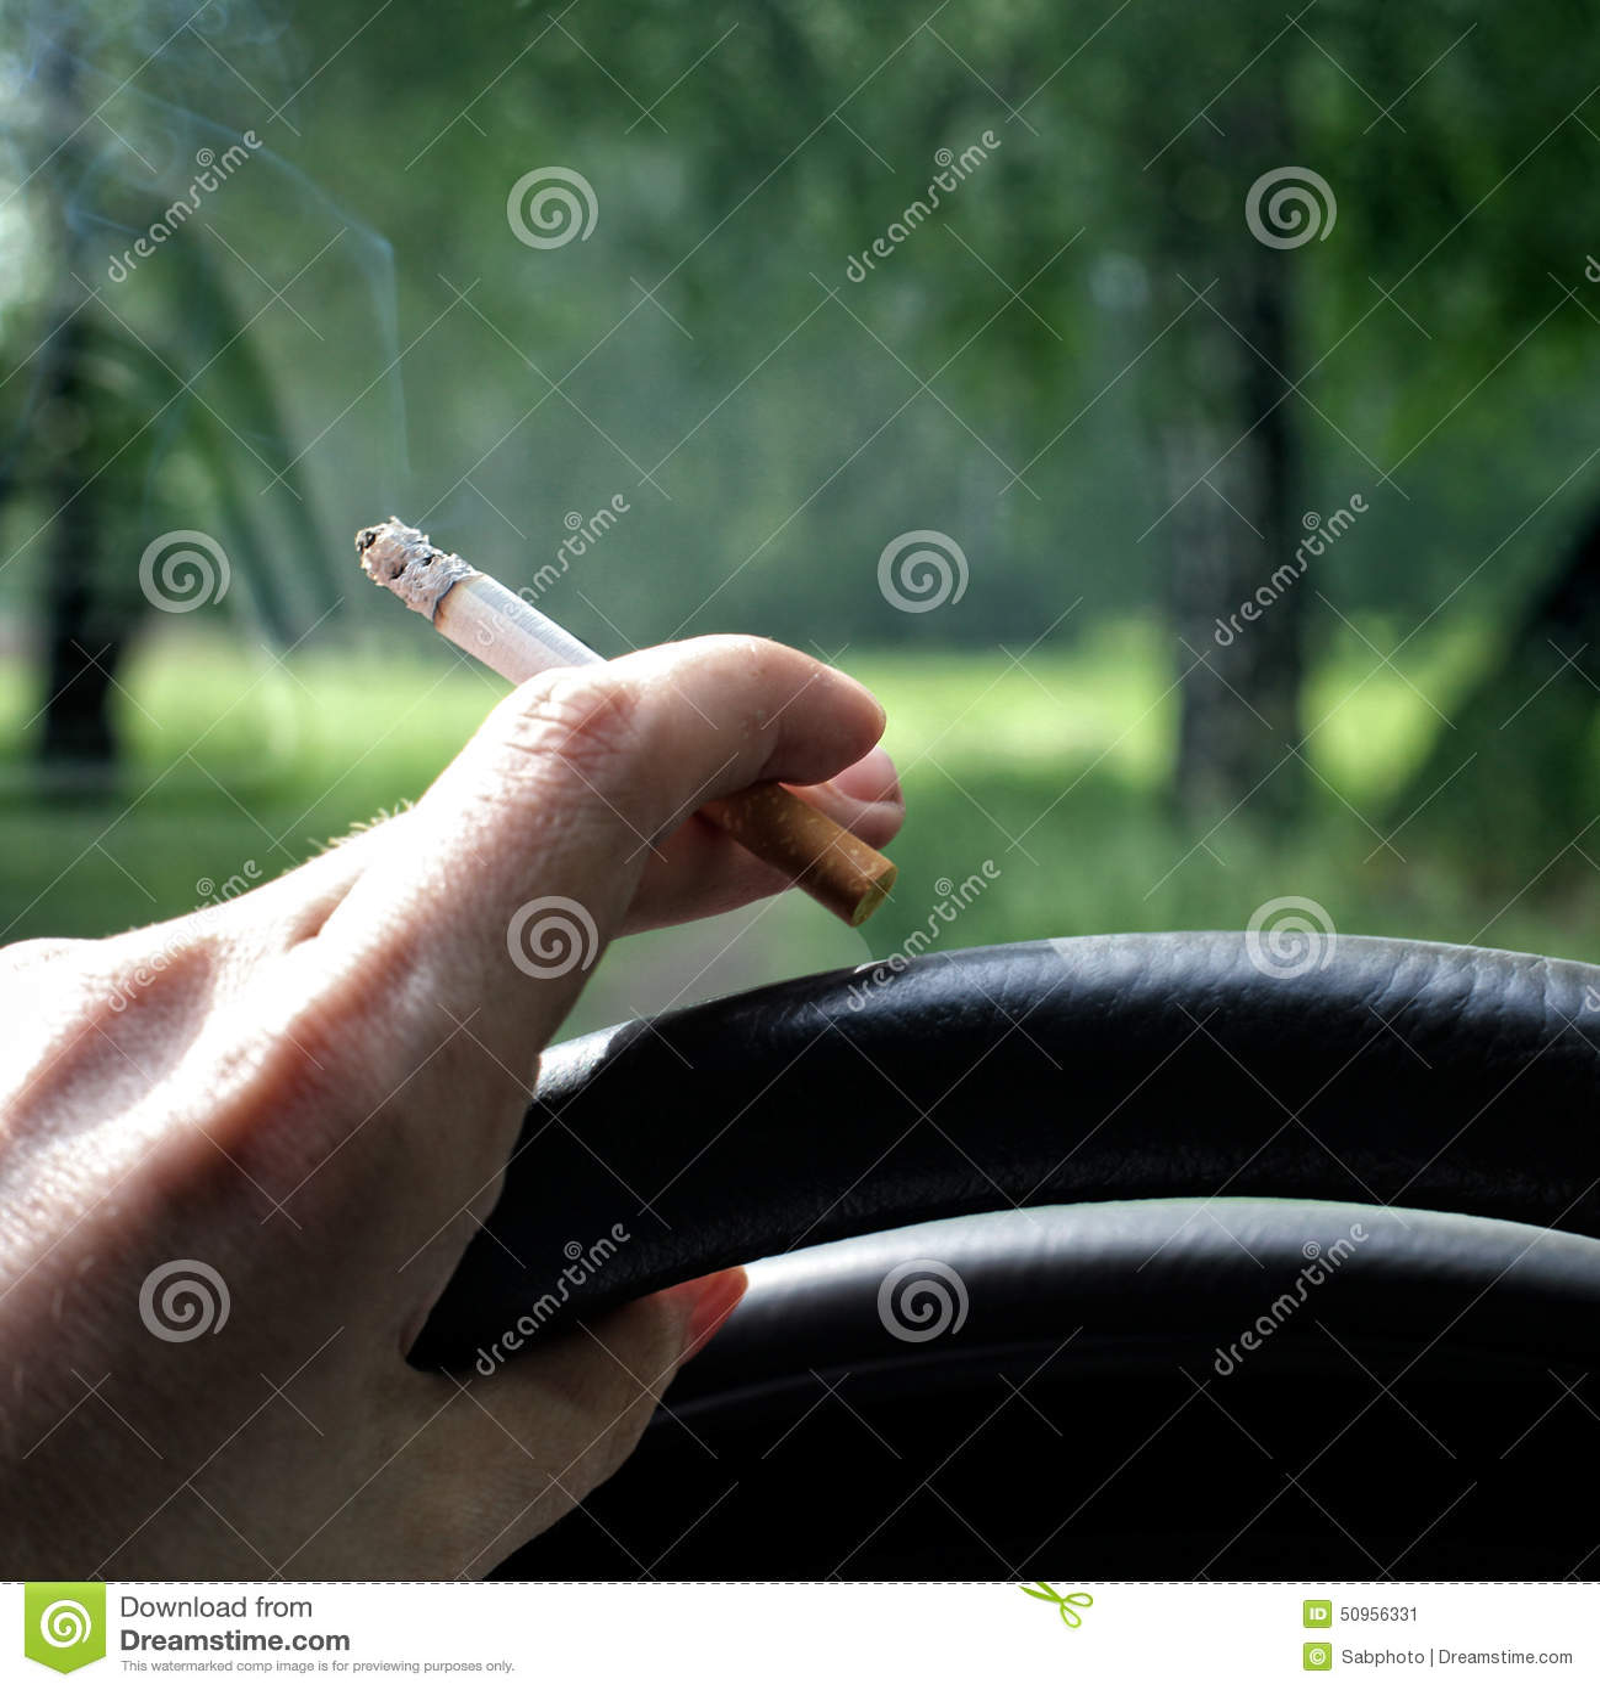 Водитель на табачные изделия электронные сигареты купить волгоград